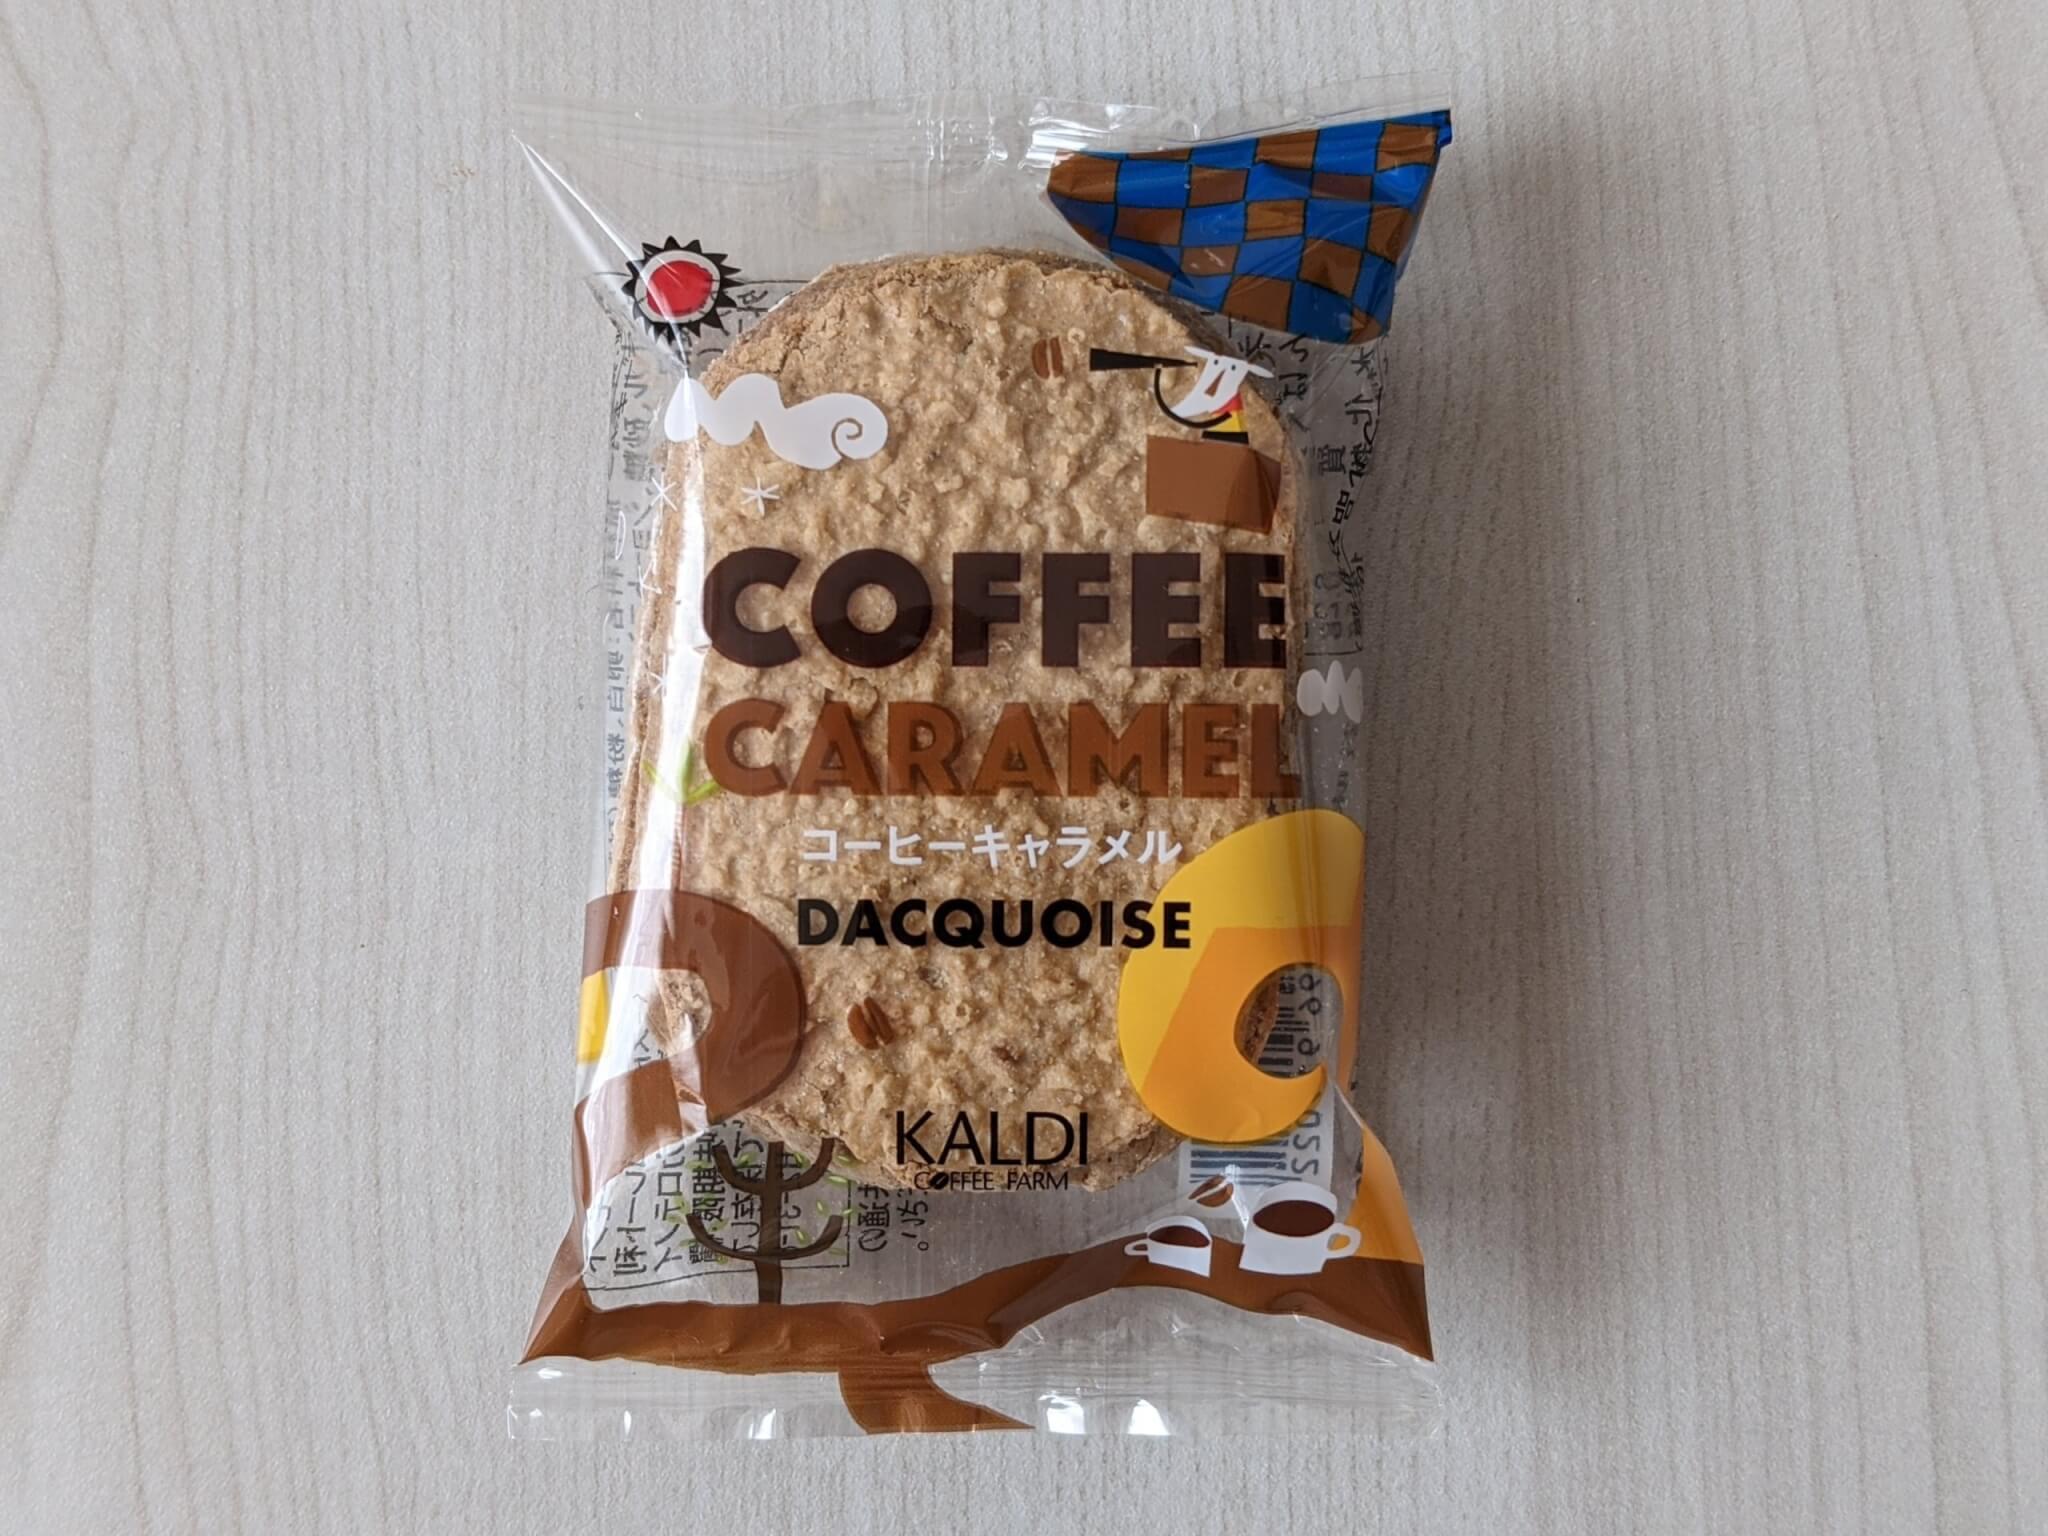 カルディ コーヒーキャラメルダックワーズ